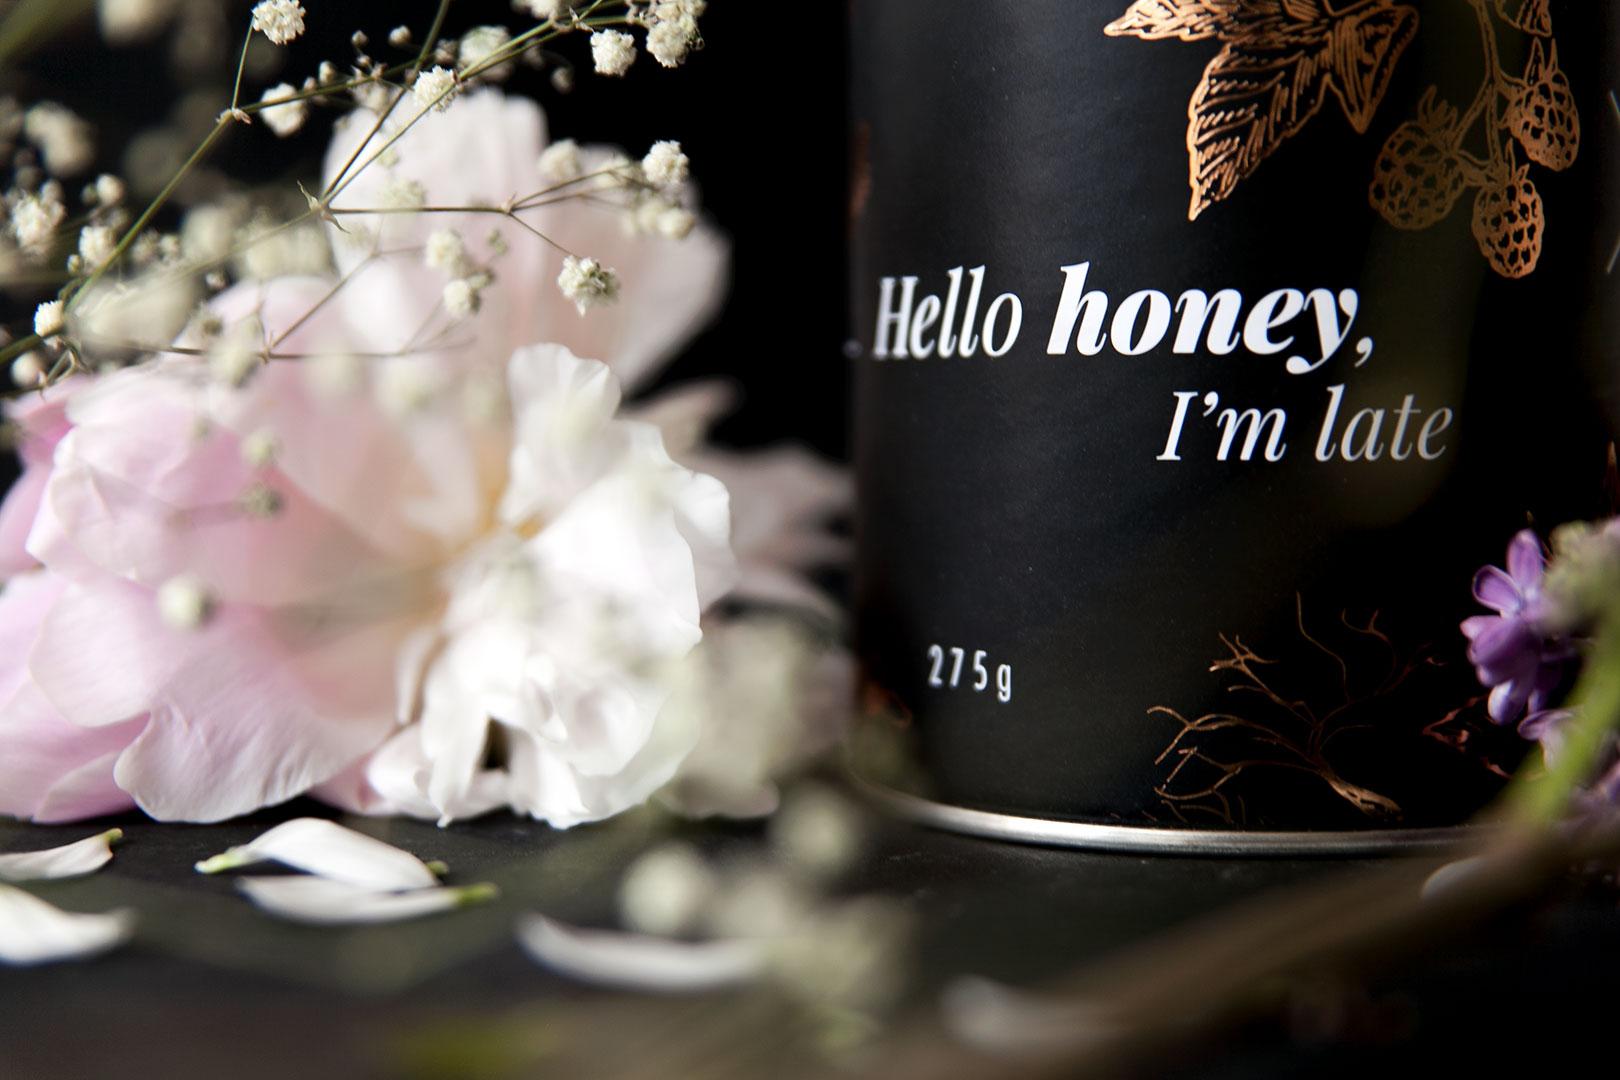 Miten hunaja säilytetään?